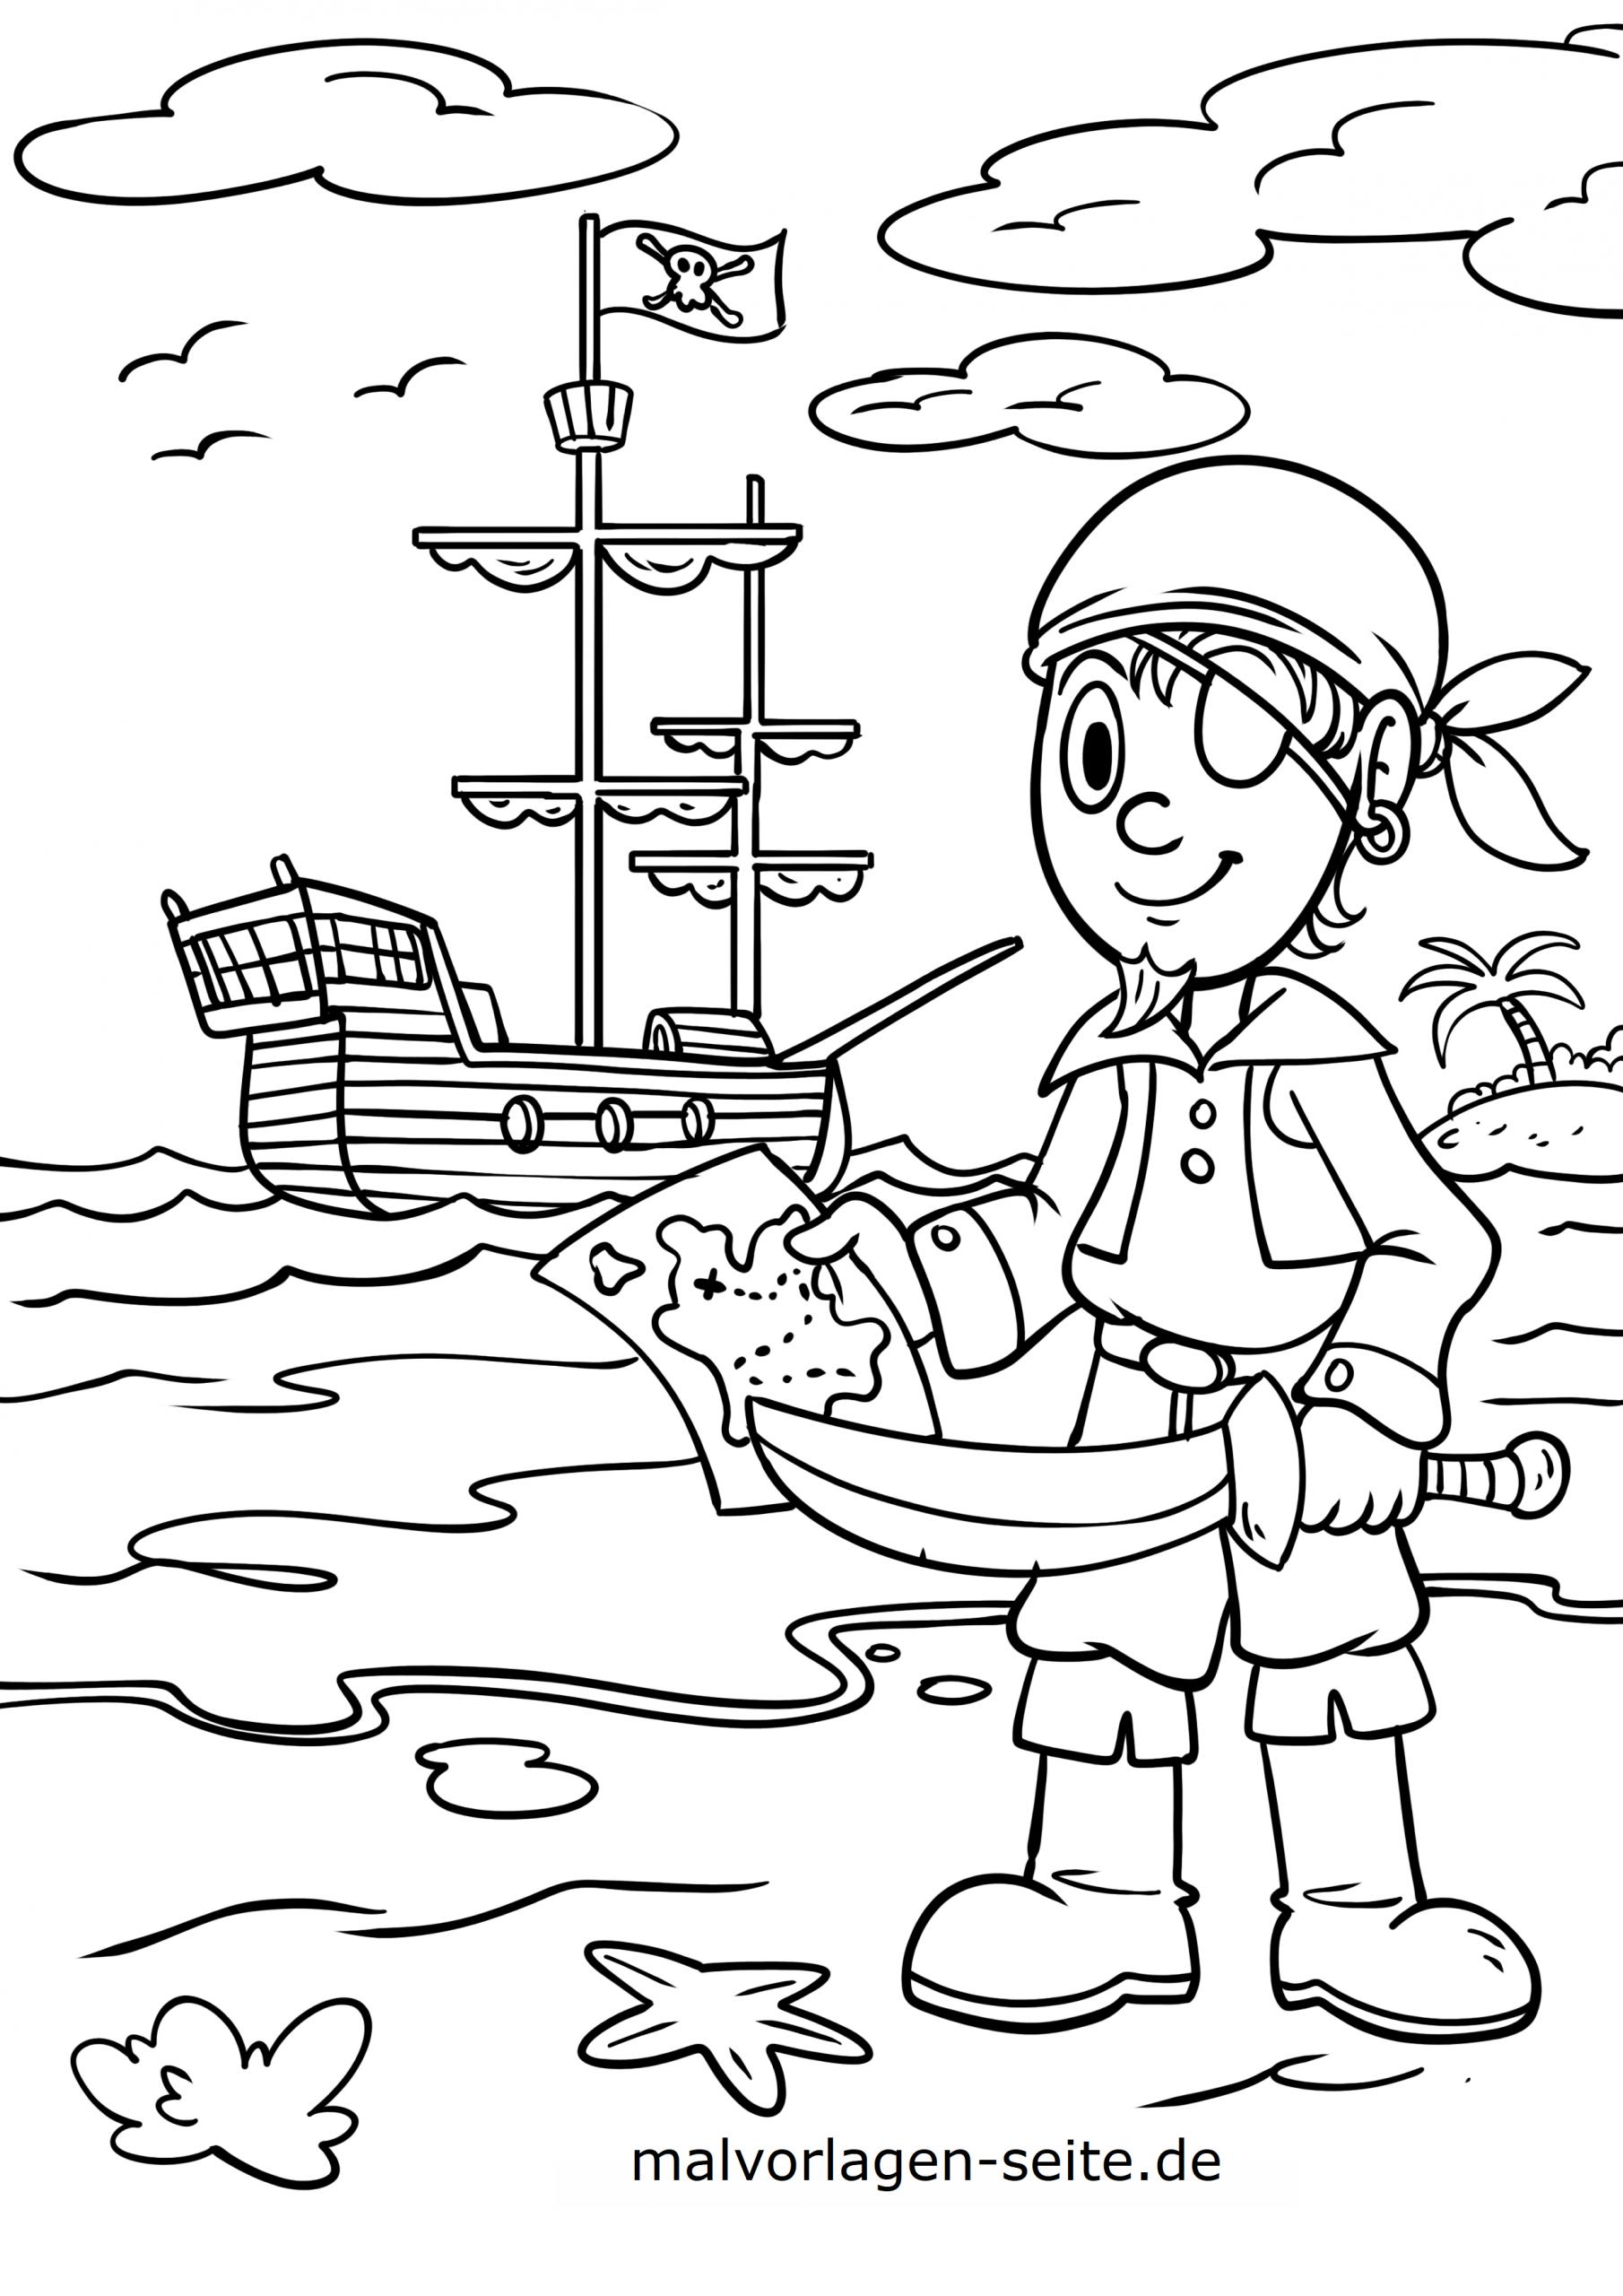 Malvorlage Pirat - Ausmalbilder Kostenlos Herunterladen in Piraten Ausmalbilder